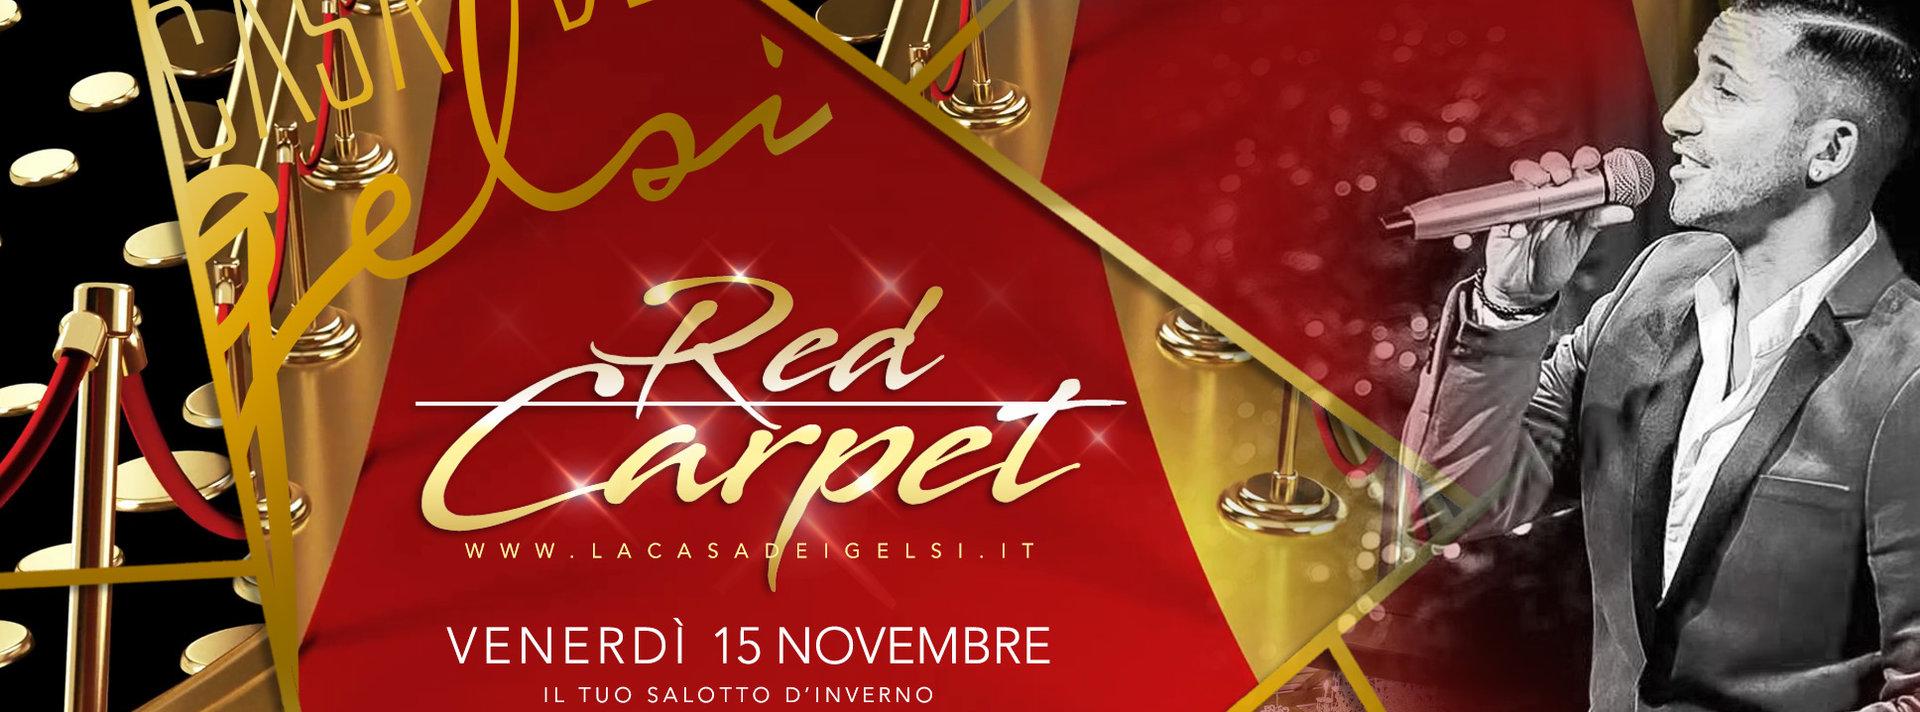 Red carpet Gelsi - 15 novembre 2019